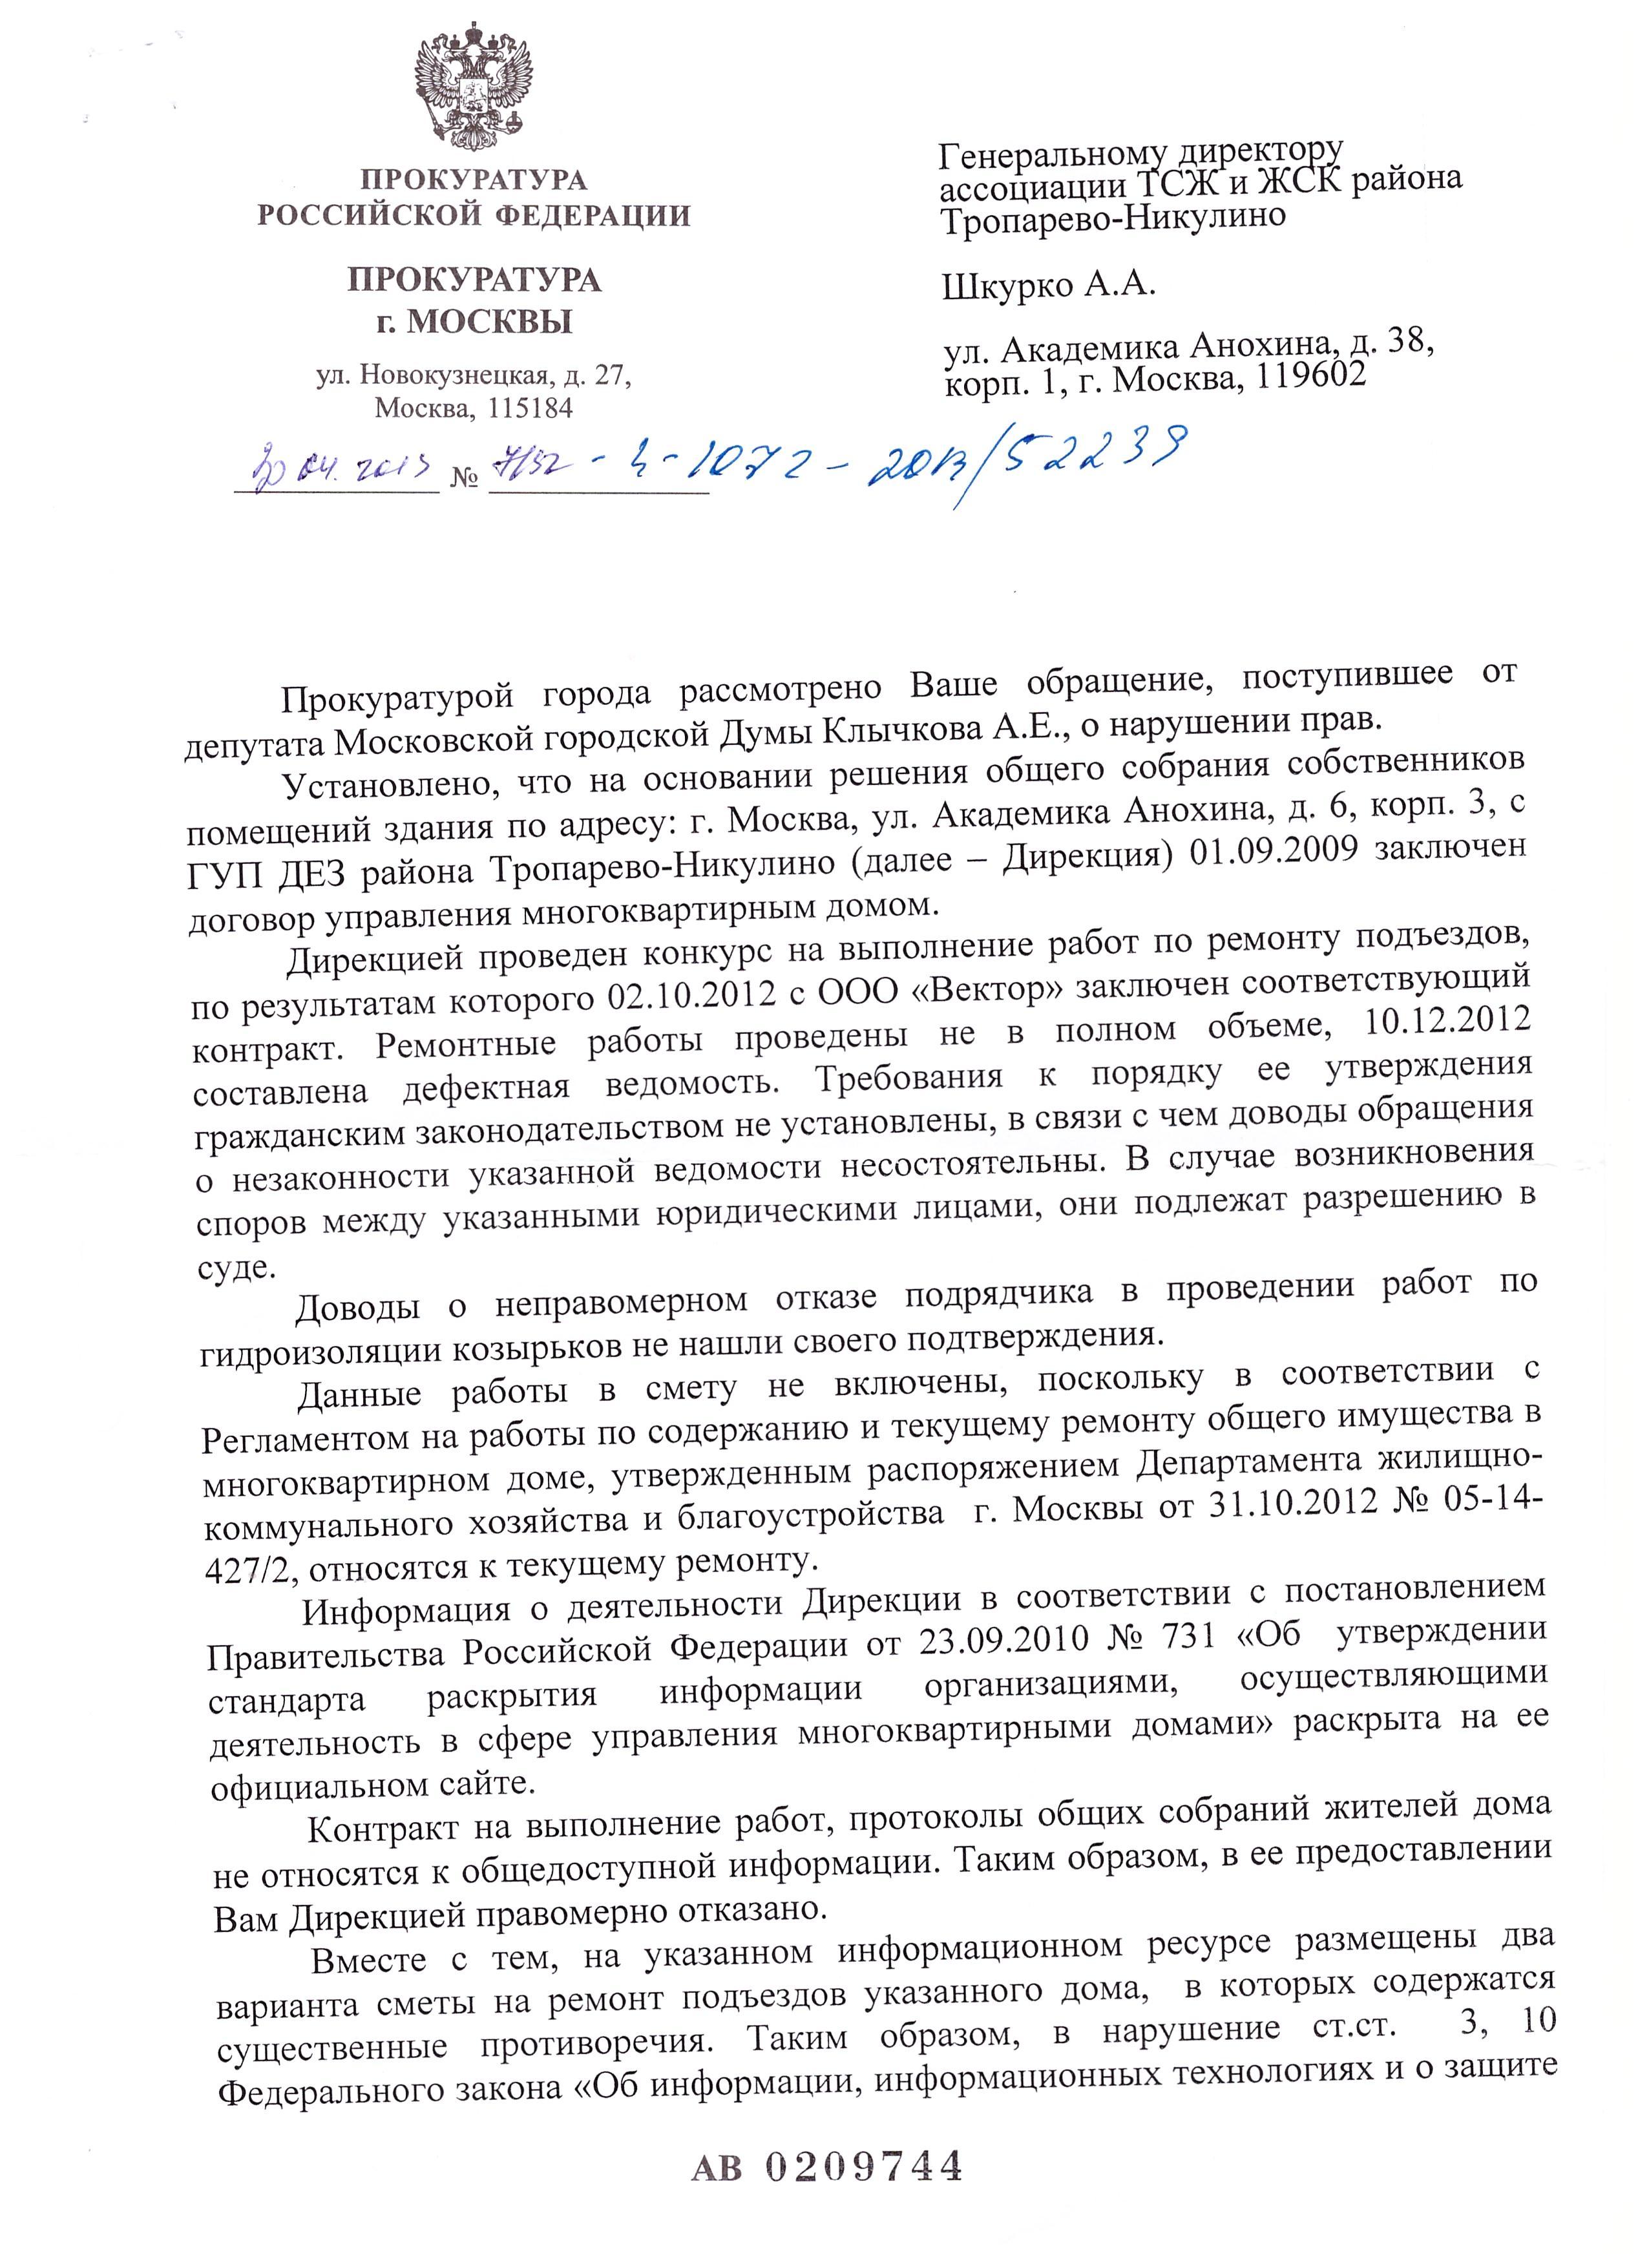 019_2013-03-25_Клычков(Анохина 6.3) ответ Прокуратура (от Клычкова) часть 1